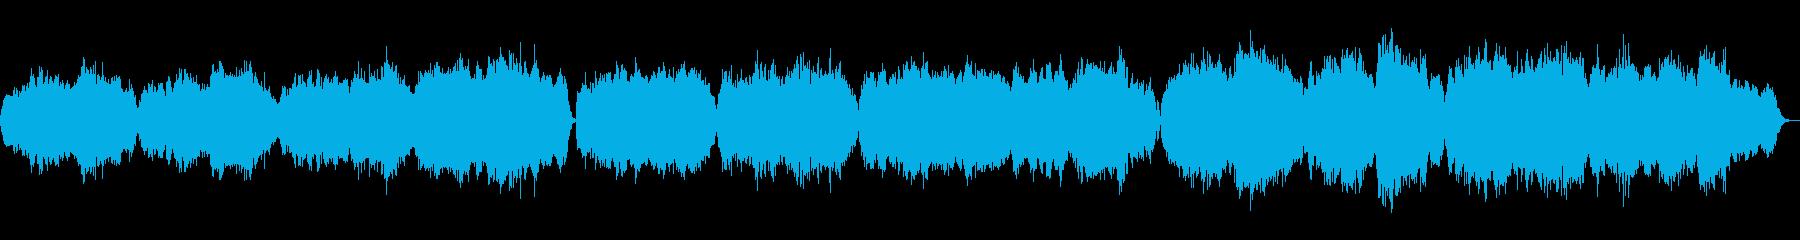 パイプオルガン演奏音楽、共和歌唱賛...の再生済みの波形